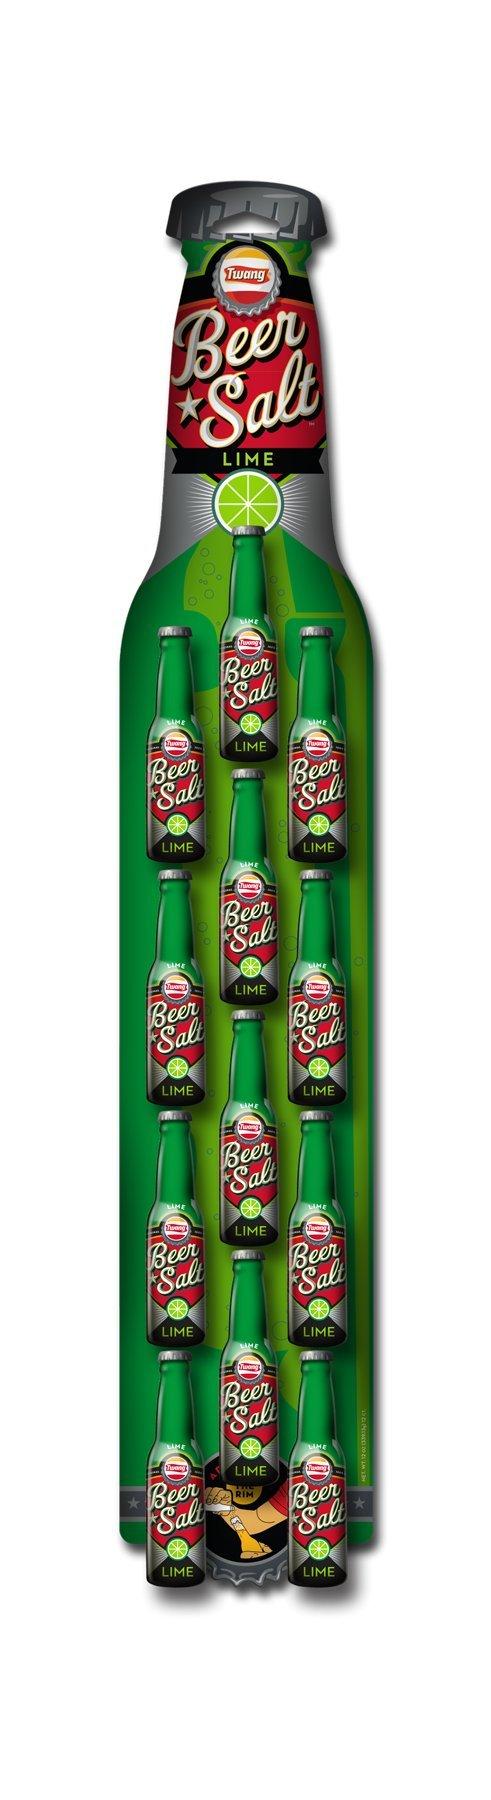 Twang Lime Flavored Salt, Beer Salt Clip Strip, Citrus Dressed Beer, 1.4 Ounce Mini Bottles, 12 Count